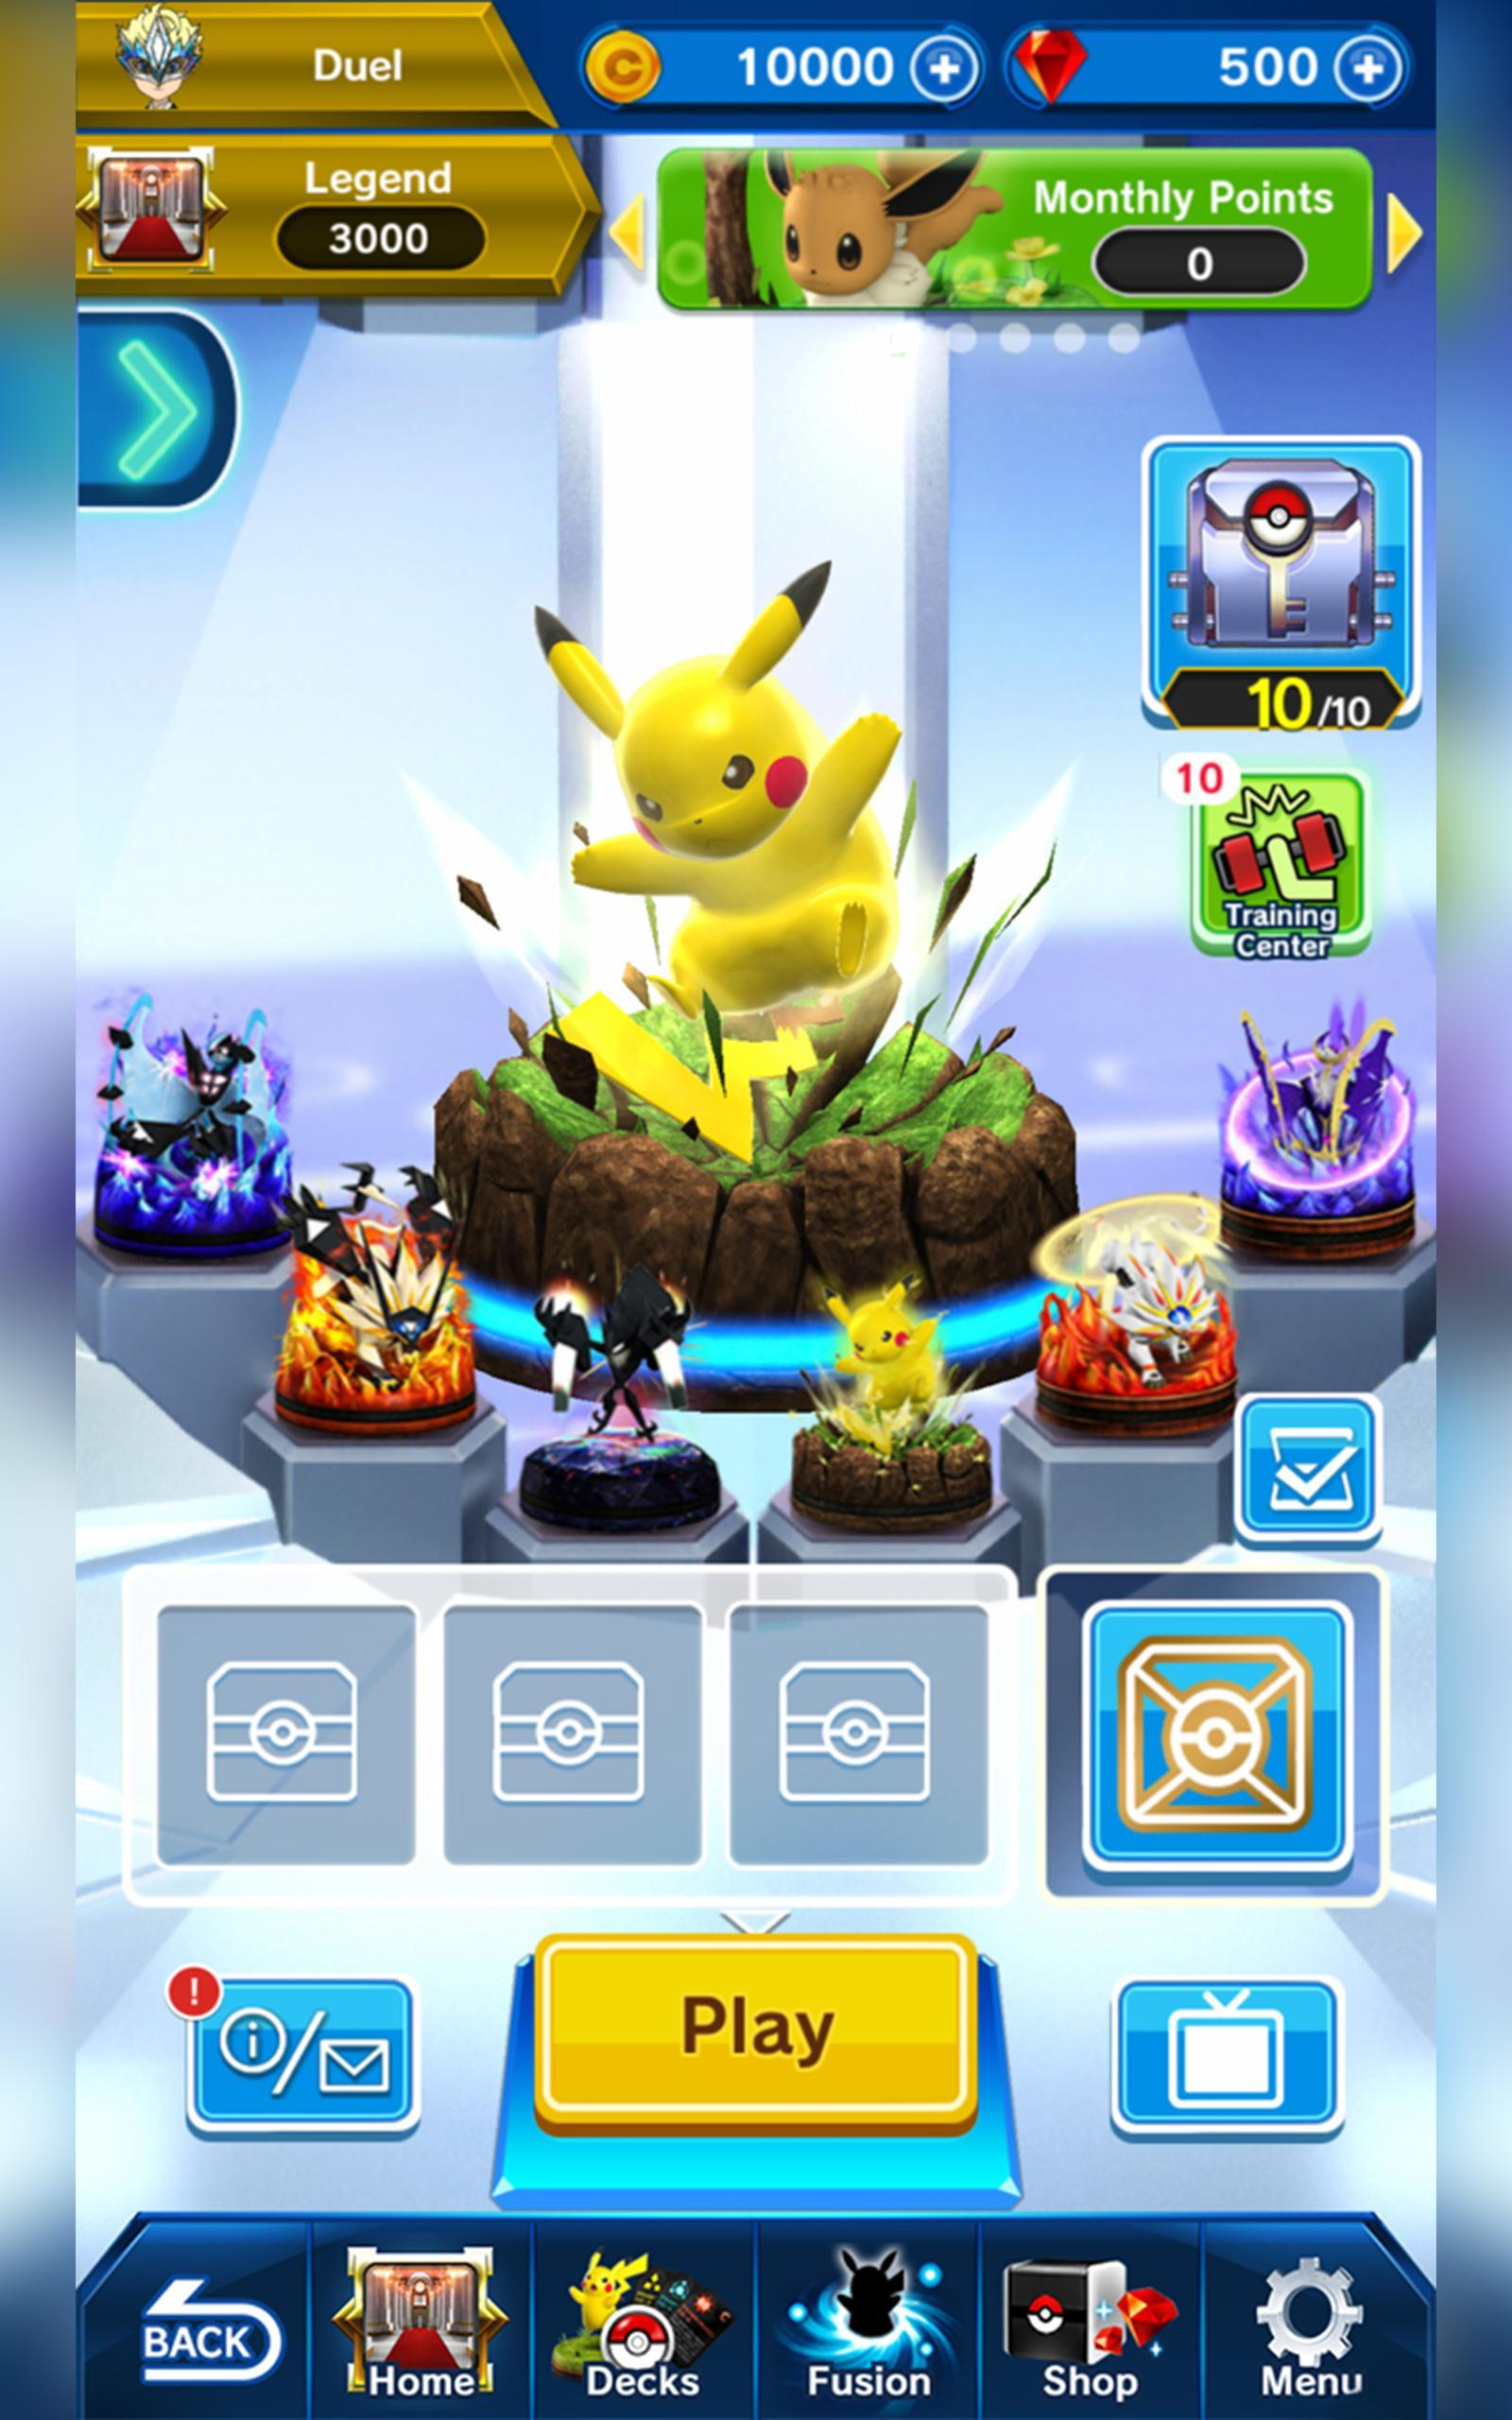 Pokémon Duel 7.0.15 Screenshot 15